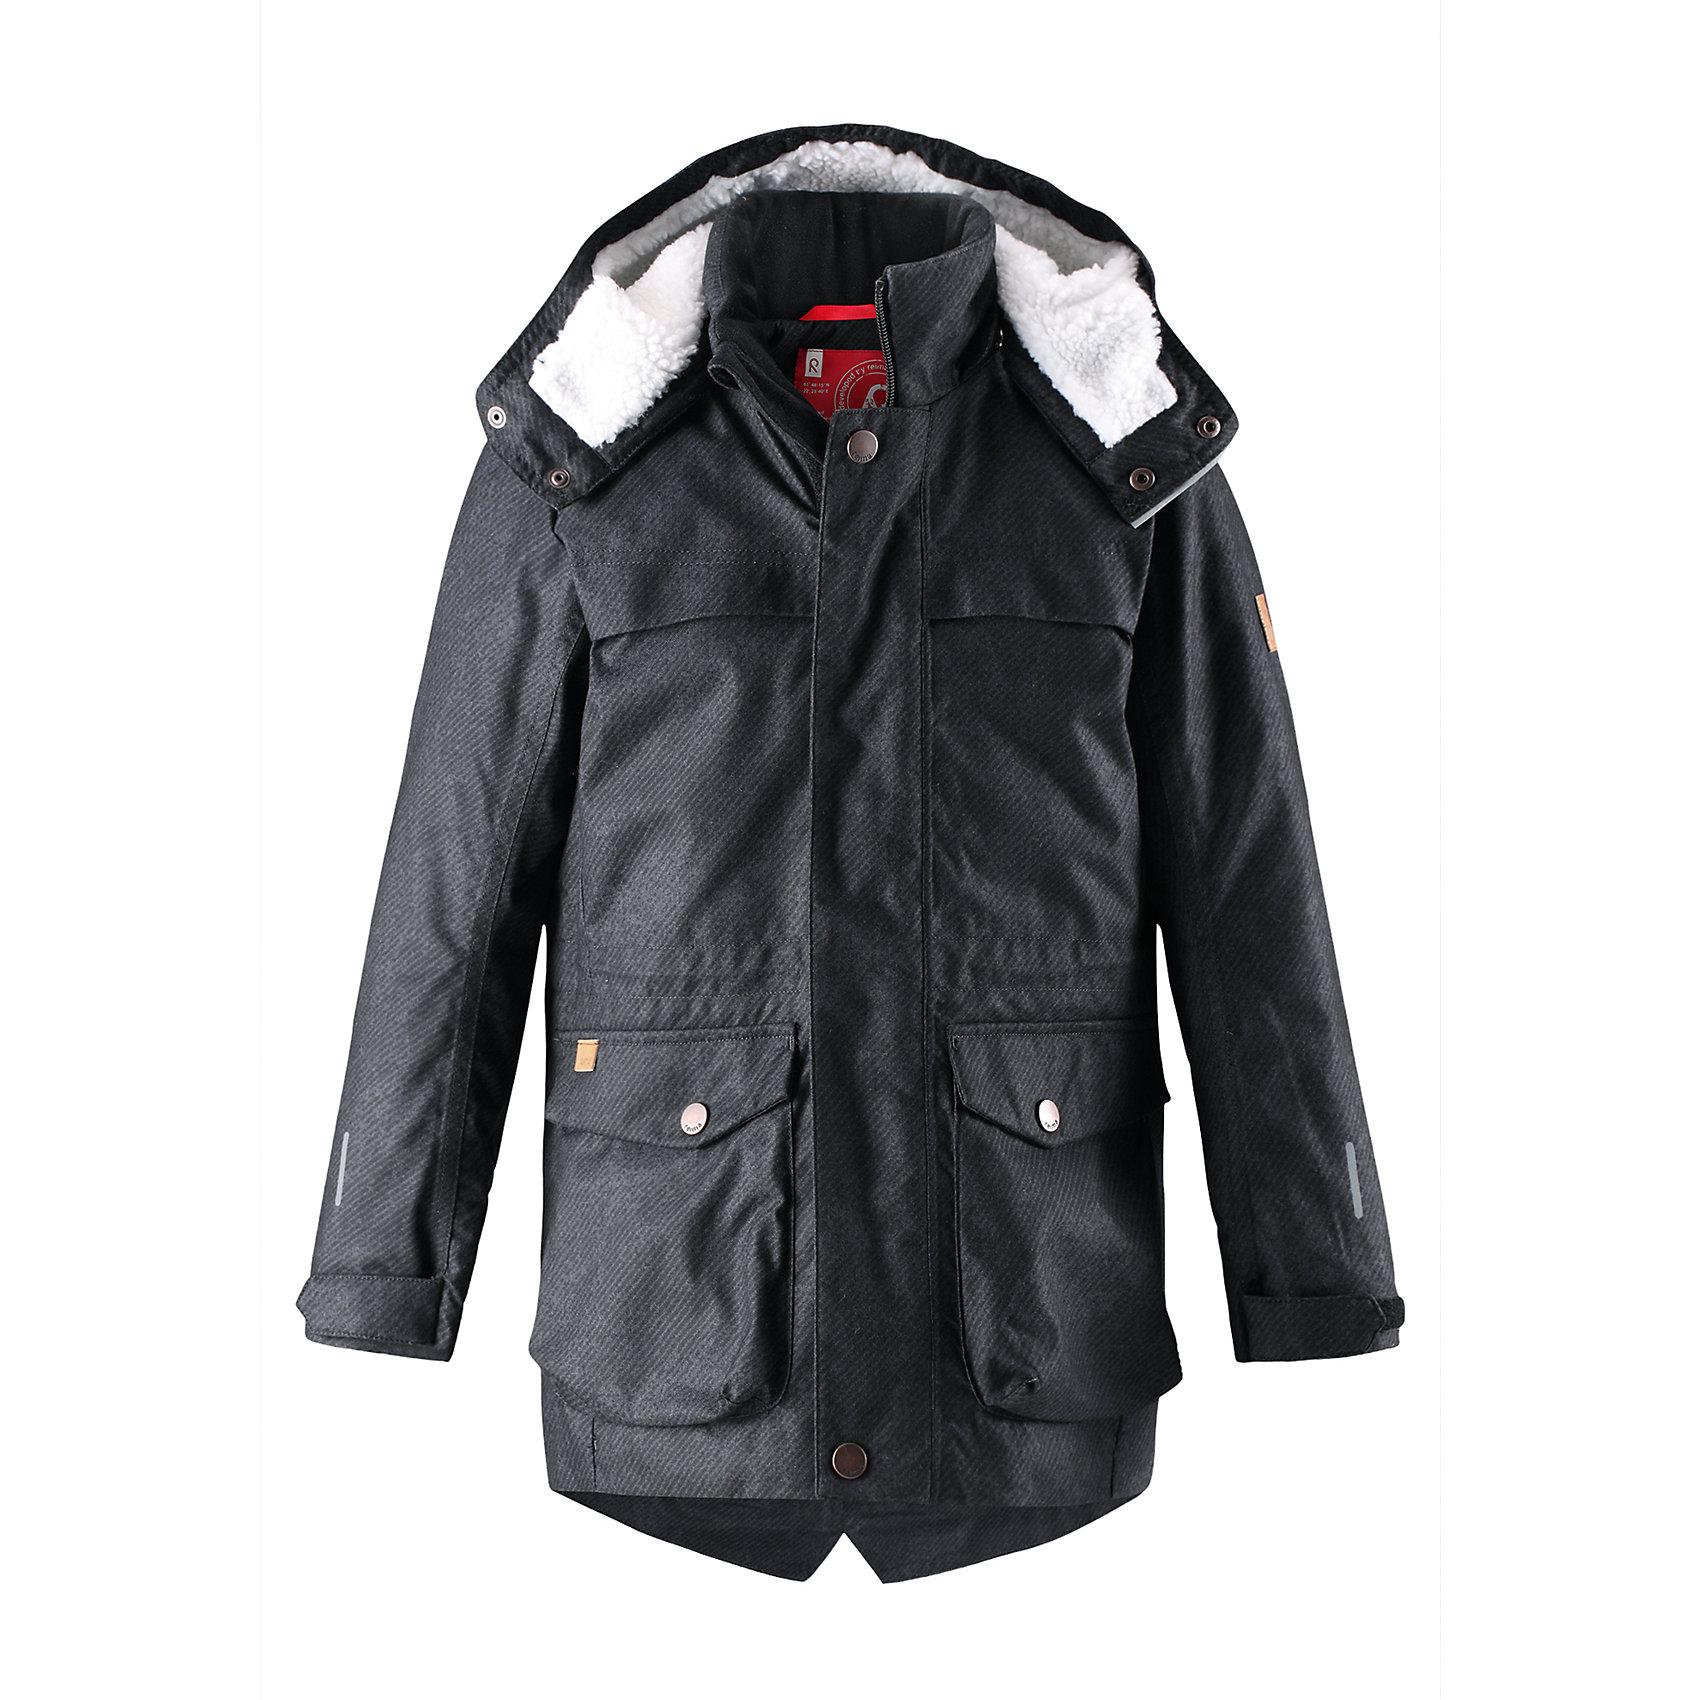 Куртка Pentti для мальчика ReimaОдежда<br>Теплая, водо- и ветронепроницаемая зимняя куртка Reimatec® для детей и подростков. Материал куртки не только водонепроницаемый, ветронепроницаемый и при этом дышащий, но также имеет водо- и грязеотталкивающую поверхность. Все основные швы проклеены, водонепроницаемы. Верхняя часть куртки и капюшон подбиты теплой стеганой подкладкой. <br><br>Куртка снабжена съемным капюшоном, что обеспечивает дополнительную безопасность во время активных прогулок – капюшон легко отстегивается, если случайно за что-нибудь зацепится. Образ довершают практичные детали: завязки на талии, два больших кармана с клапанами, длинная молния высокого качества и светоотражающие элементы.<br>Состав:<br>100% Полиэстер<br><br>Ширина мм: 356<br>Глубина мм: 10<br>Высота мм: 245<br>Вес г: 519<br>Цвет: черный<br>Возраст от месяцев: 156<br>Возраст до месяцев: 168<br>Пол: Мужской<br>Возраст: Детский<br>Размер: 164,104,110,116,122,128,134,140,146,152,158<br>SKU: 6964560